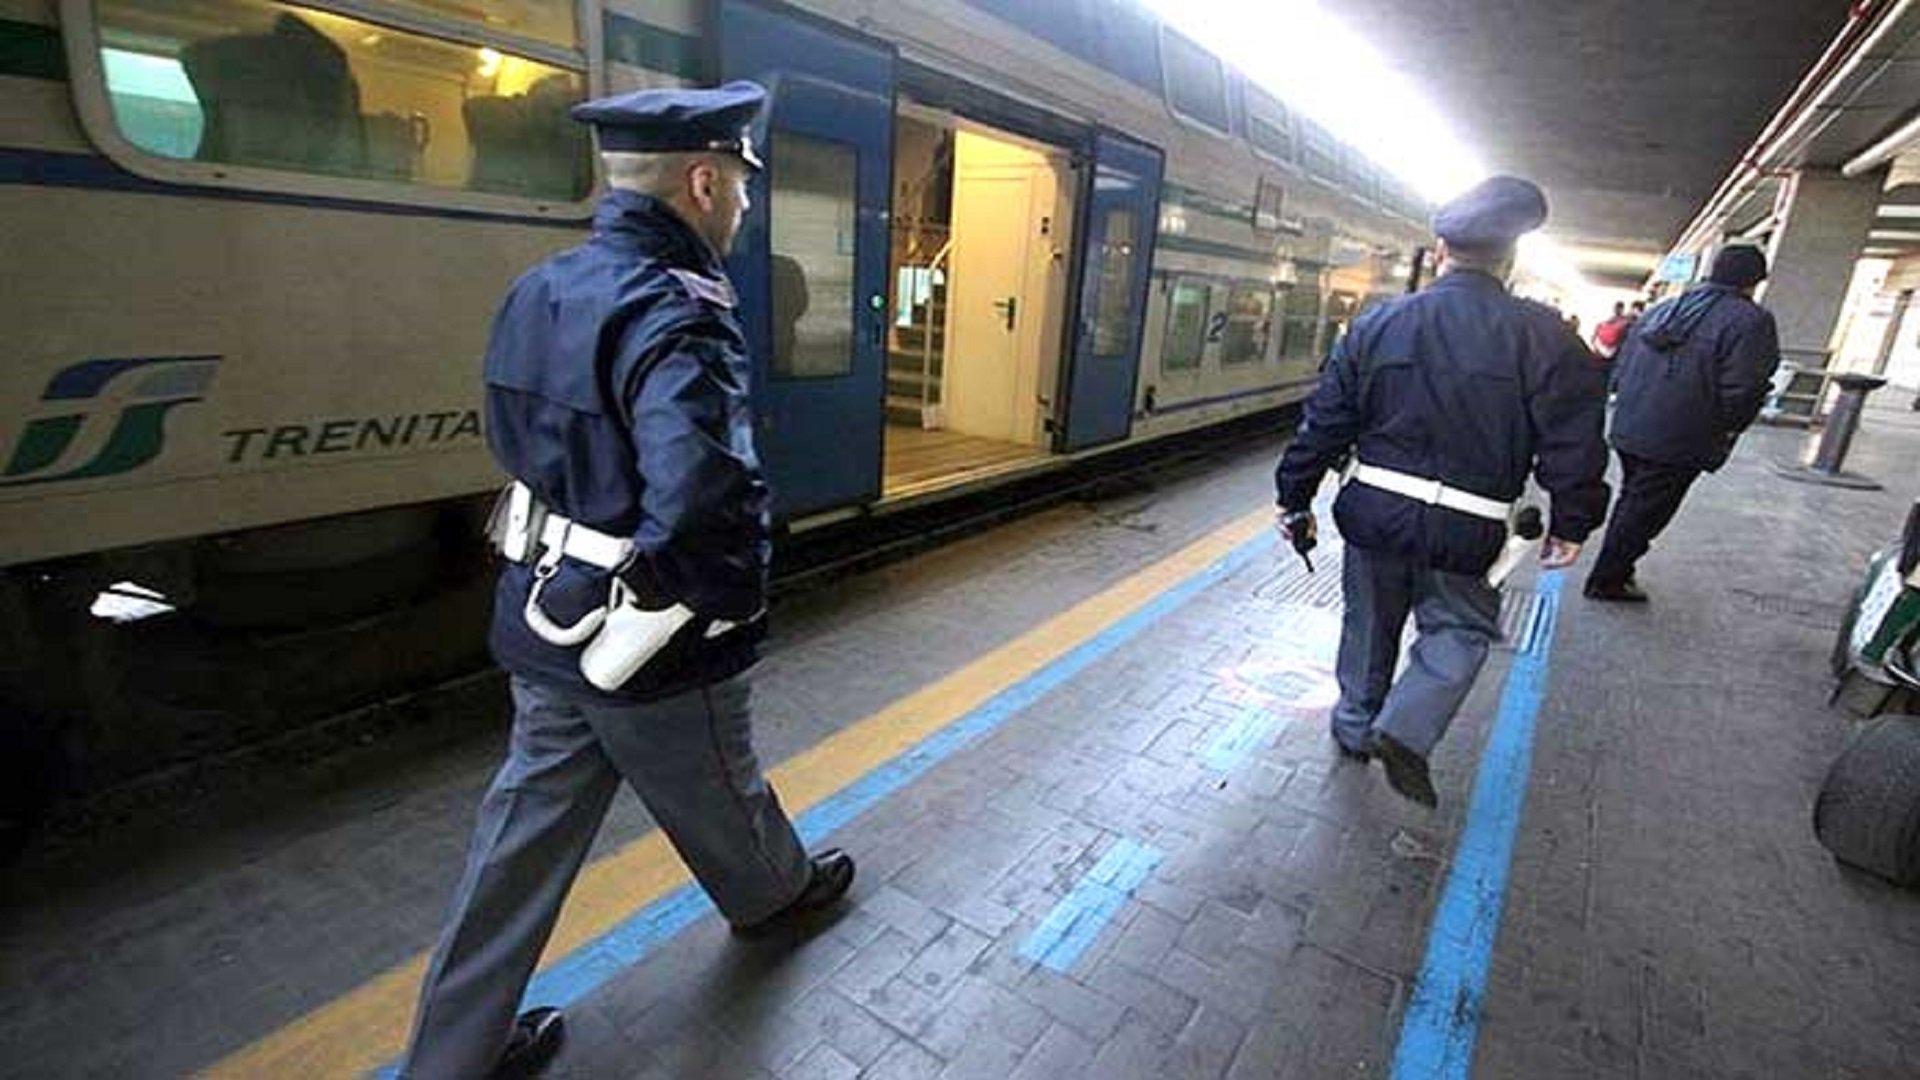 Muore travolta dal treno a francavilla